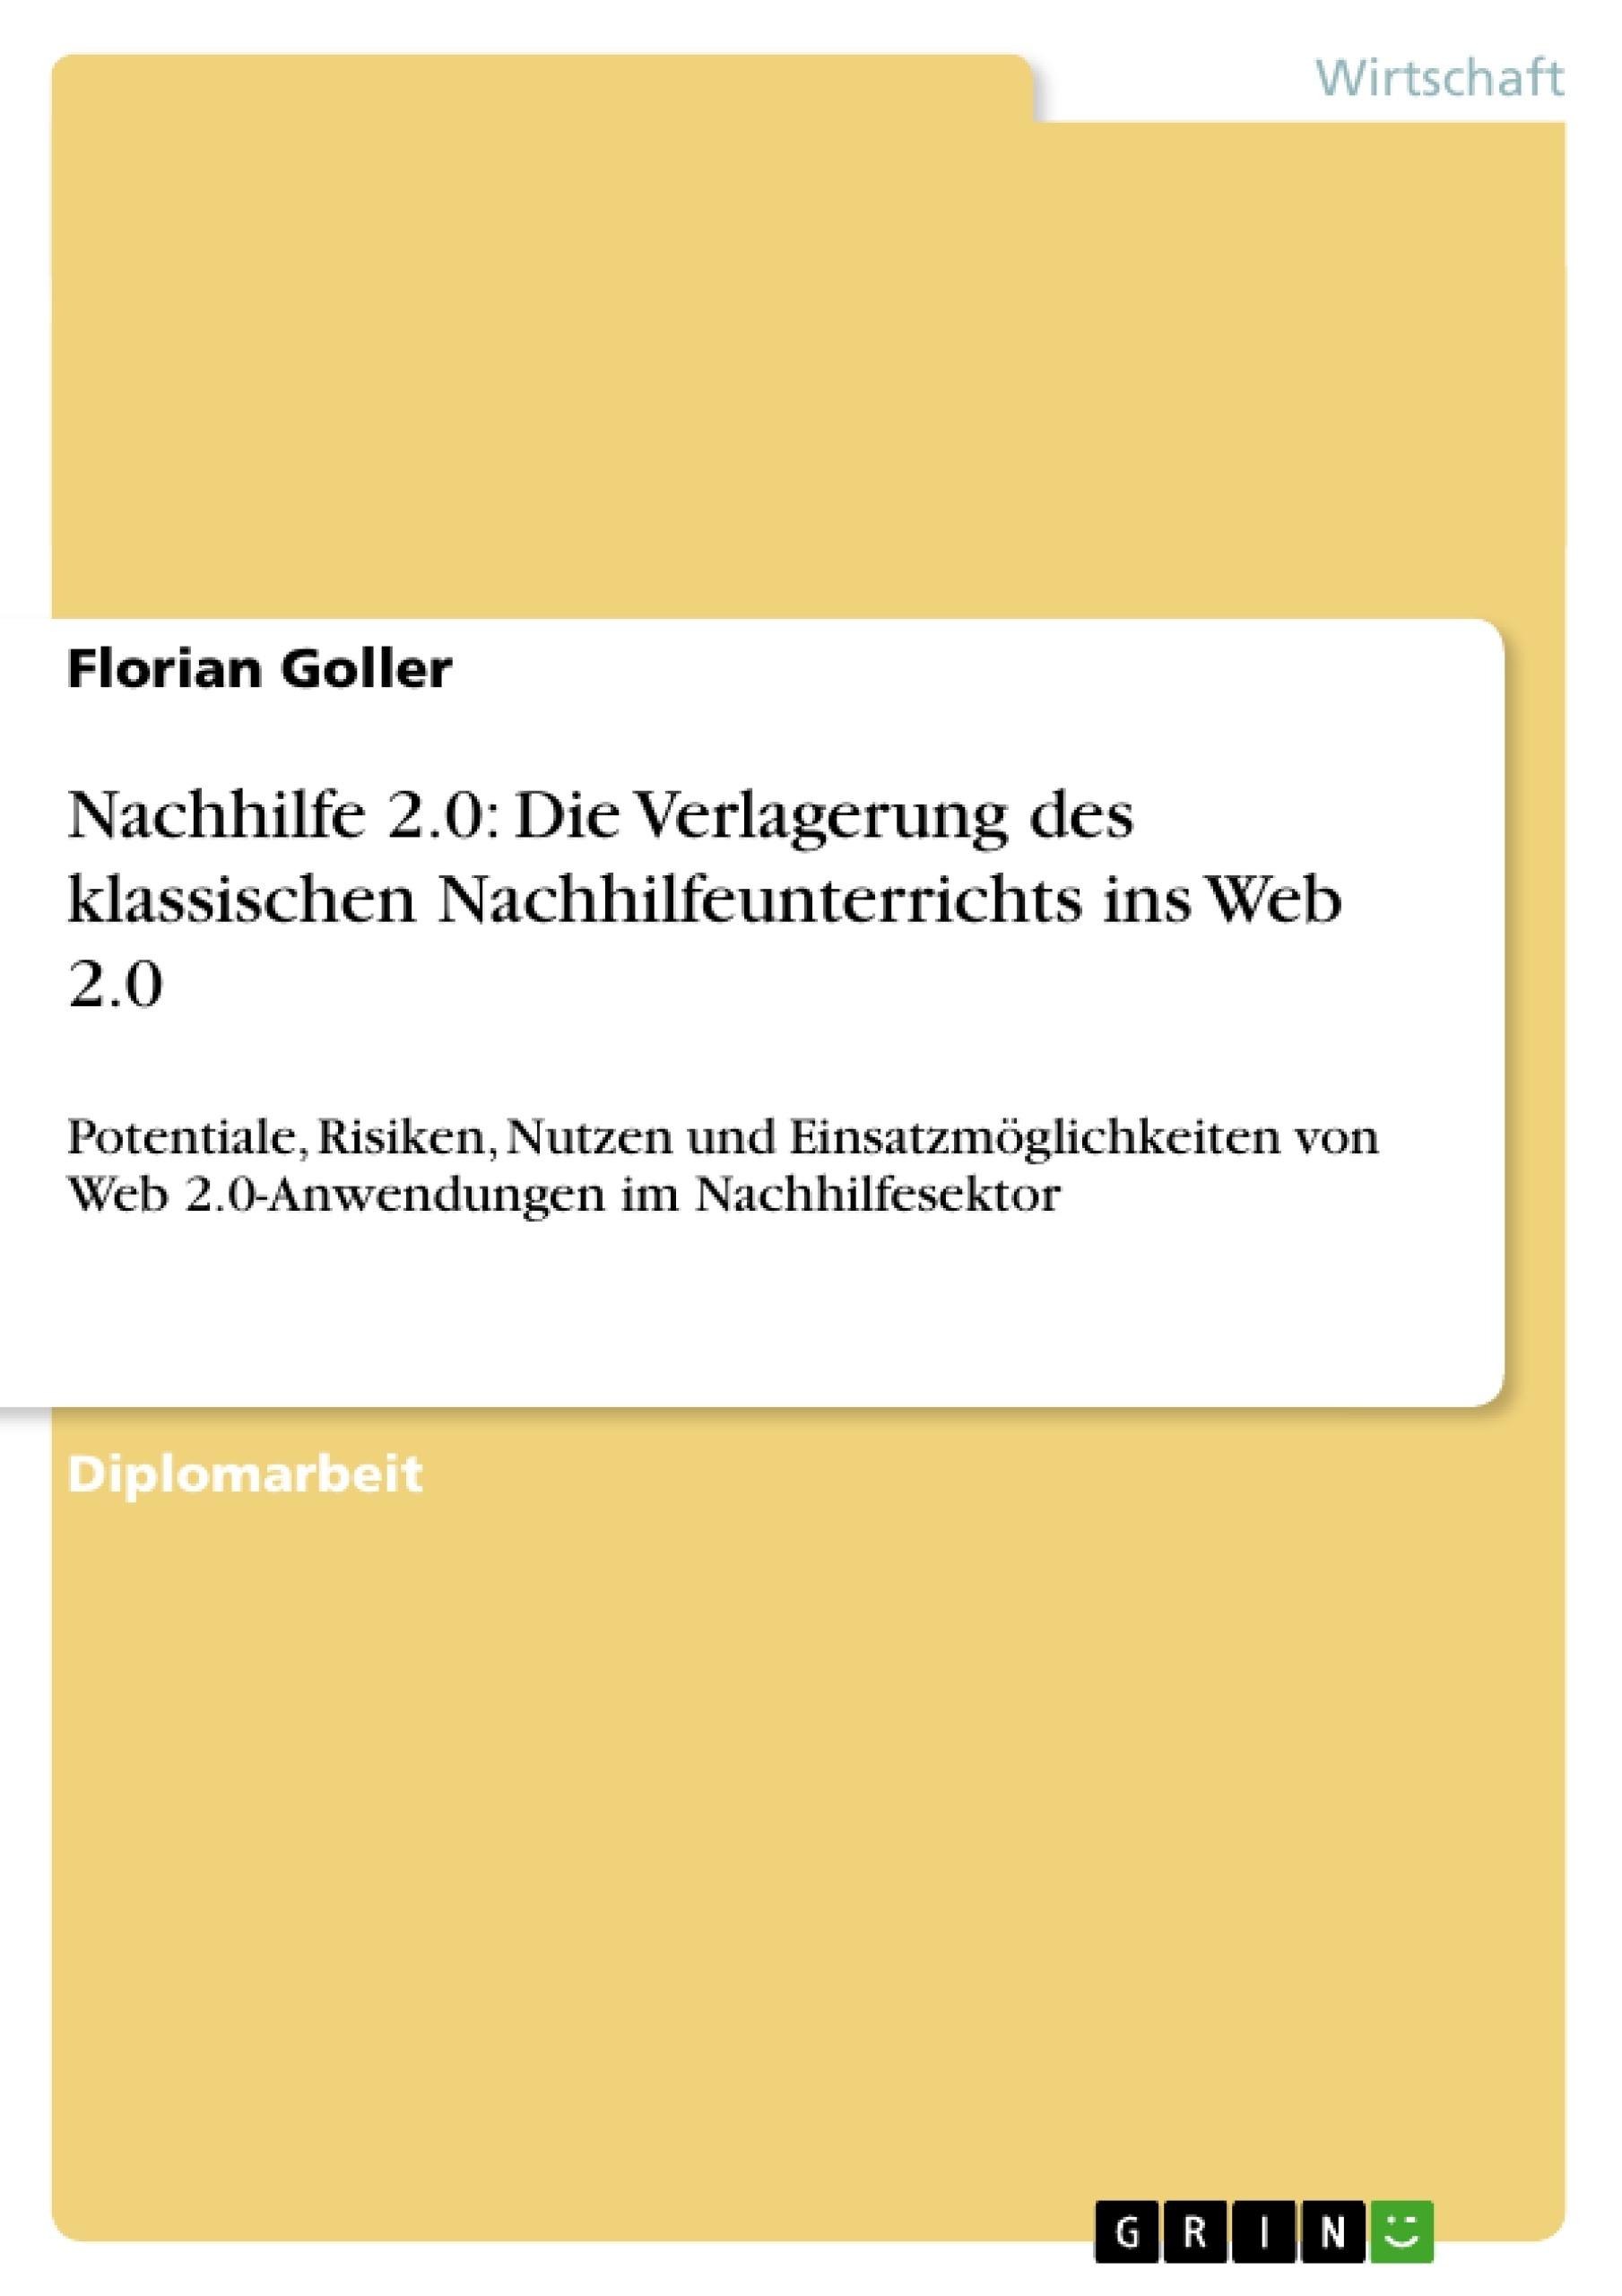 Titel: Nachhilfe 2.0: Die Verlagerung des klassischen Nachhilfeunterrichts ins Web 2.0